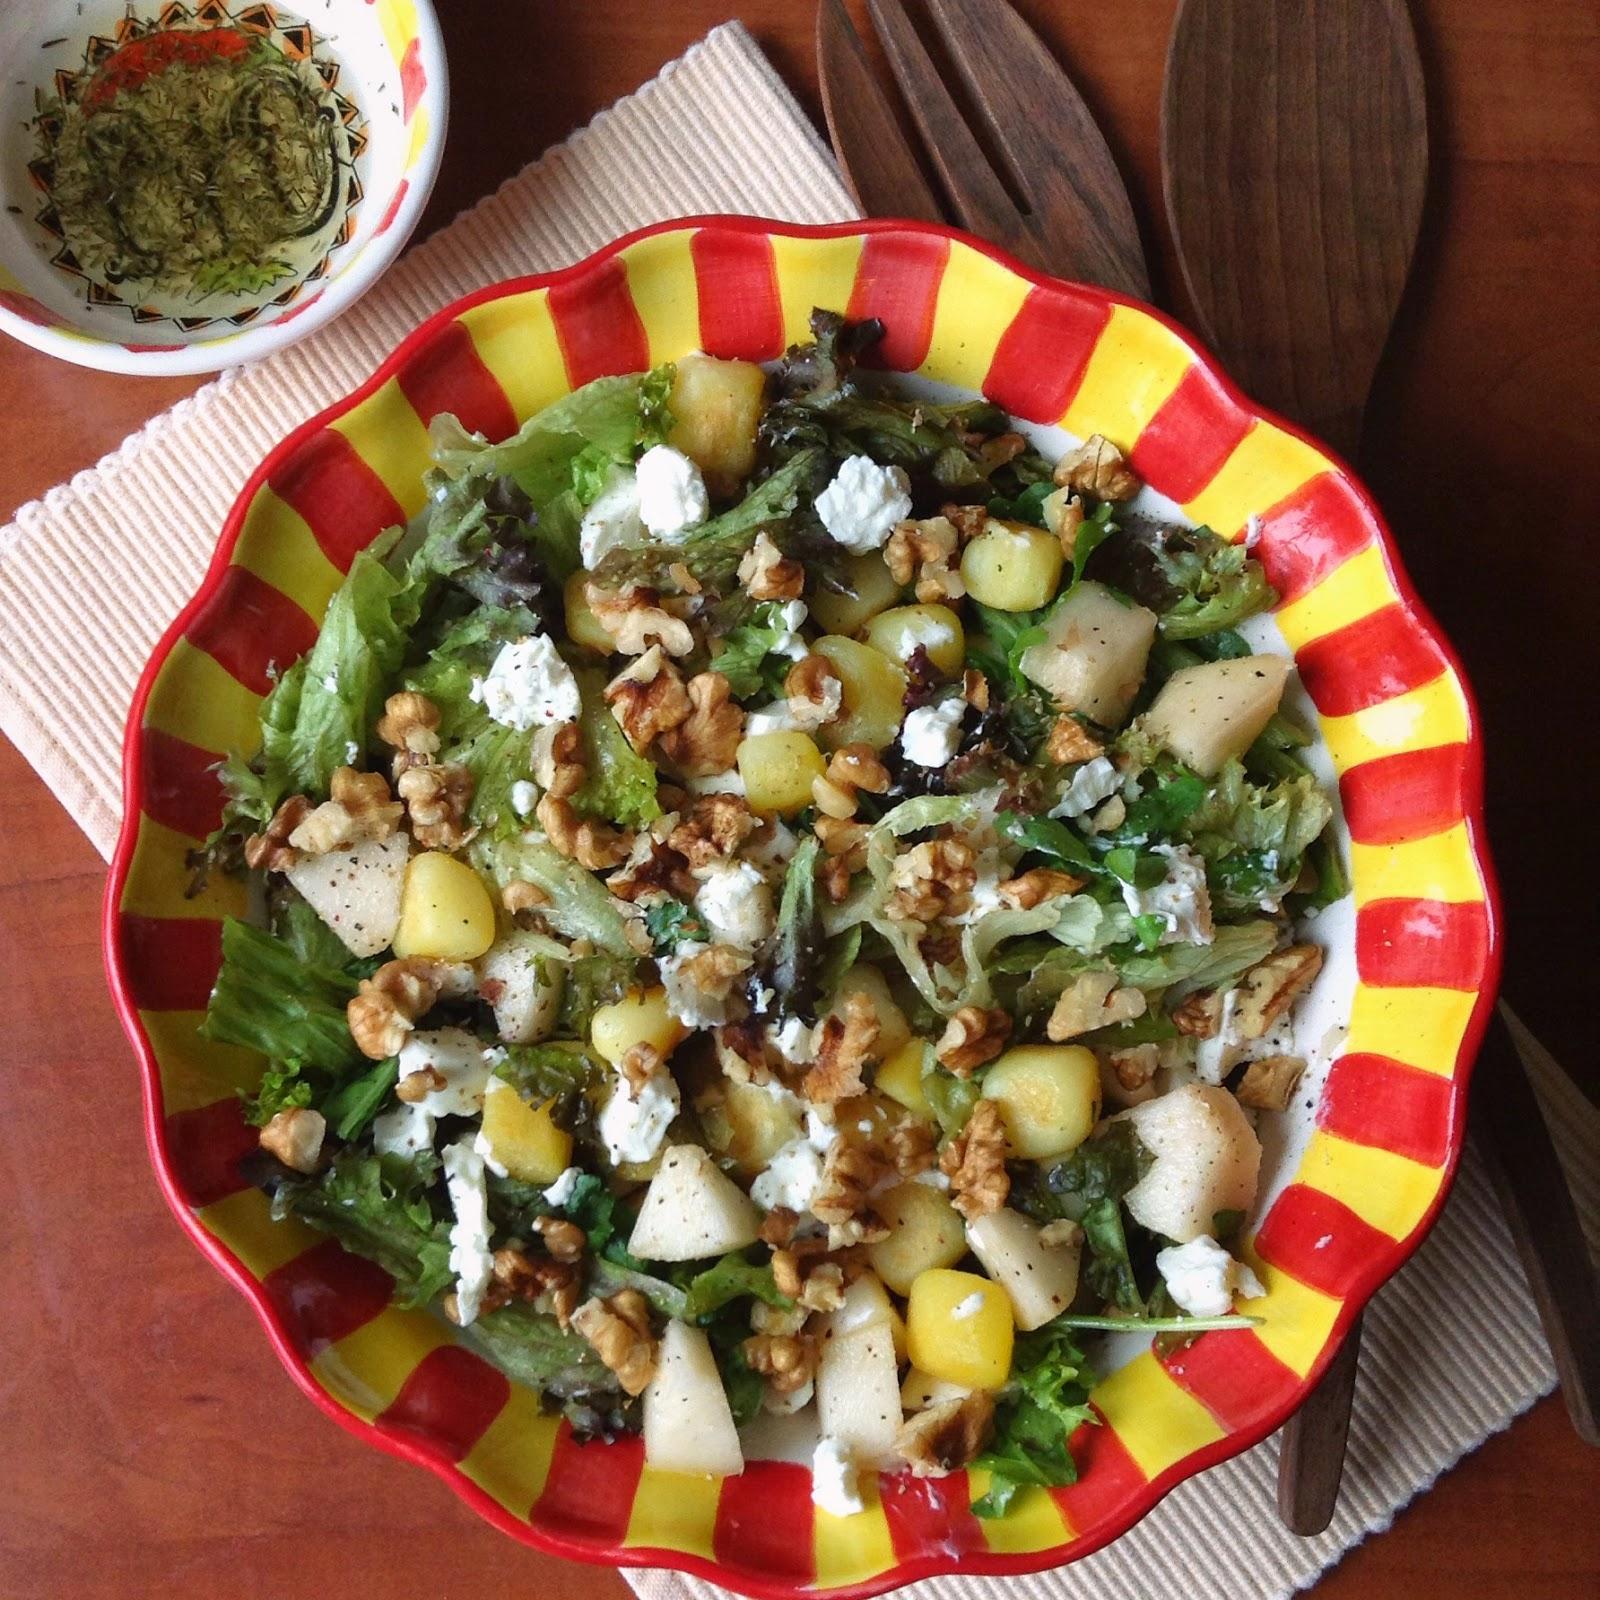 Vega met kinderen: Nog een heerlijke salade met …